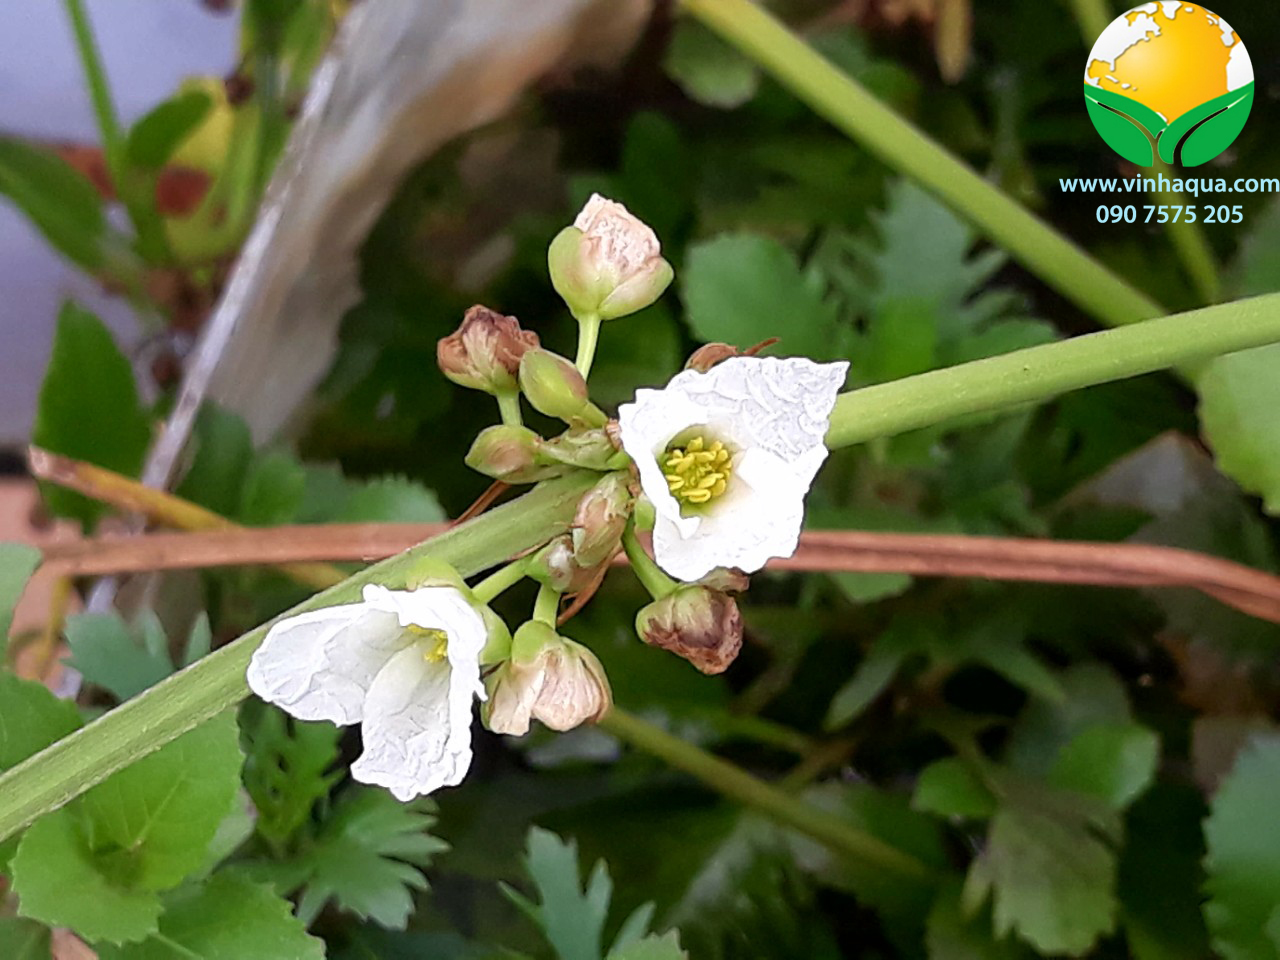 Cây thủy sinh Lan Muỗng ra hoa rất đẹp